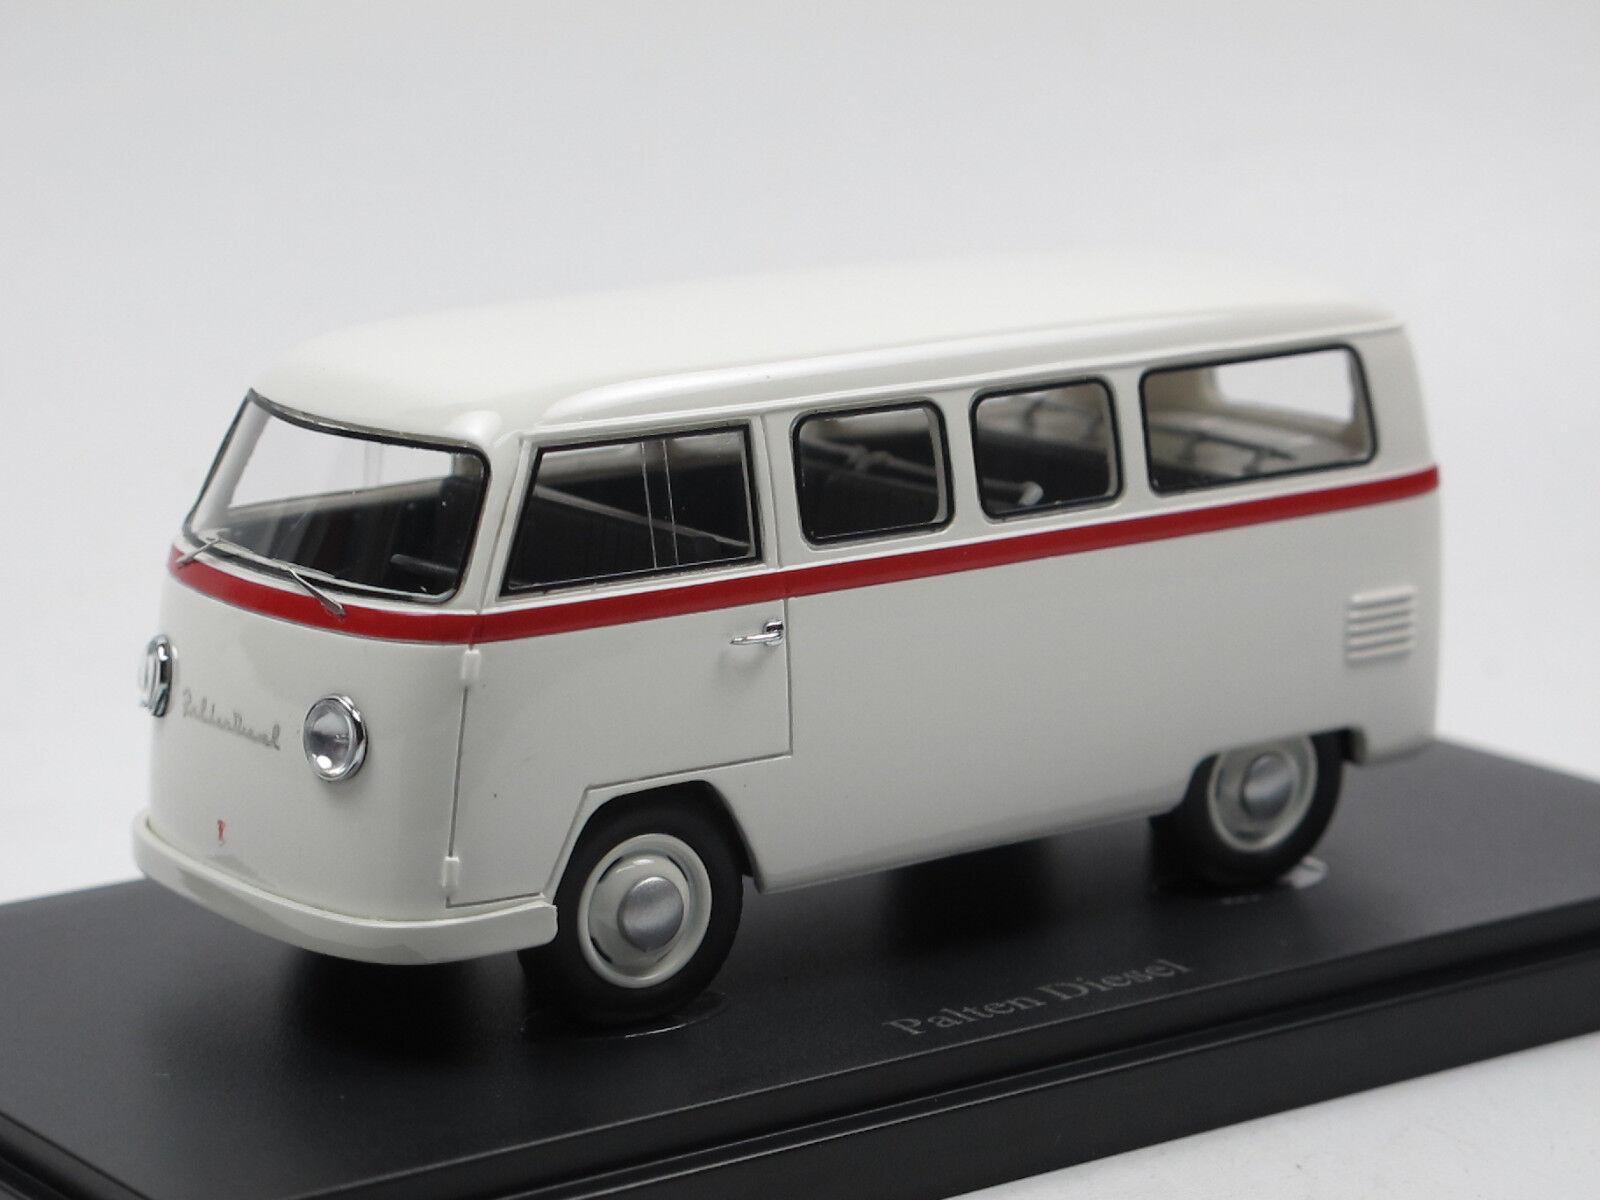 Autocult Models 08008 erticalement Diesel minibus bus 1954 Autriche 1 43 Limited